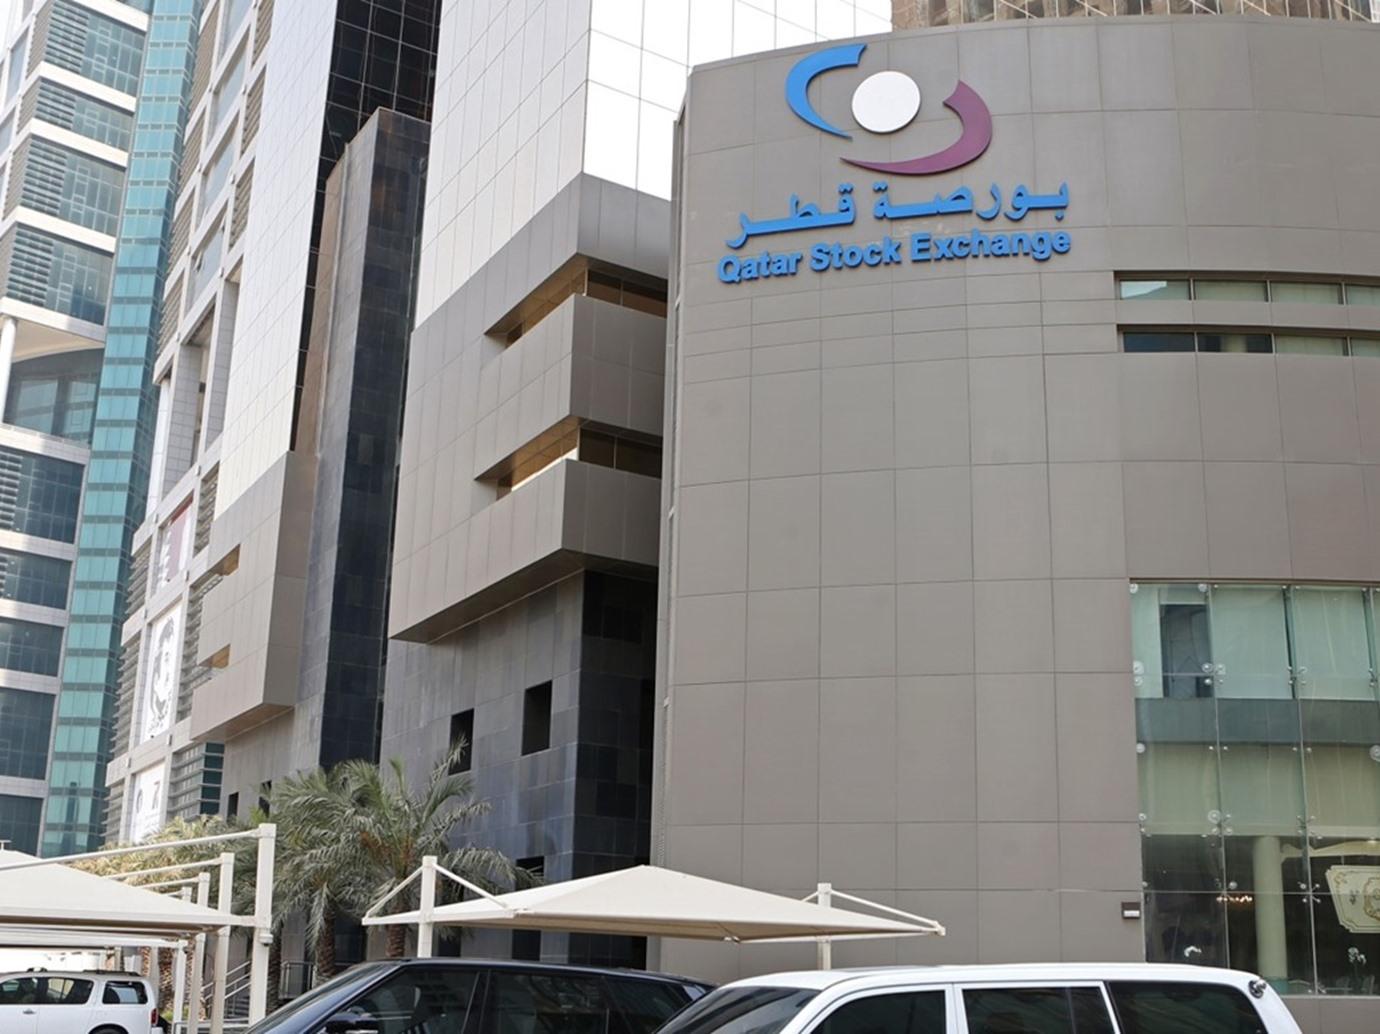 بورصة قطر تستهل تطبيق آلية تجزئة الأسهم بارتفاع مؤشرها العام